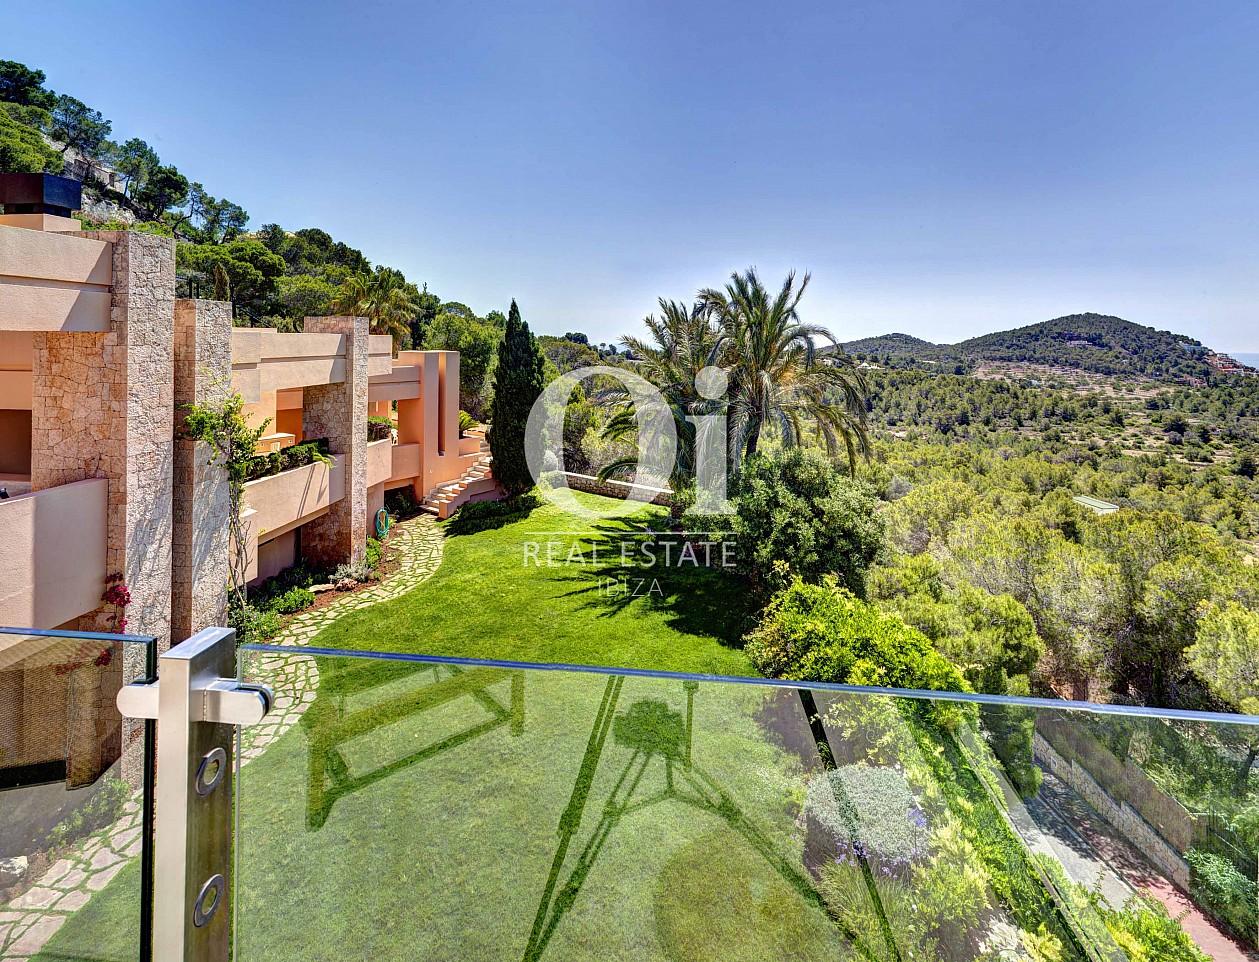 Blick auf den Außenbereich der Luxus-Villa zur Miete bei Ibiza-Stadt